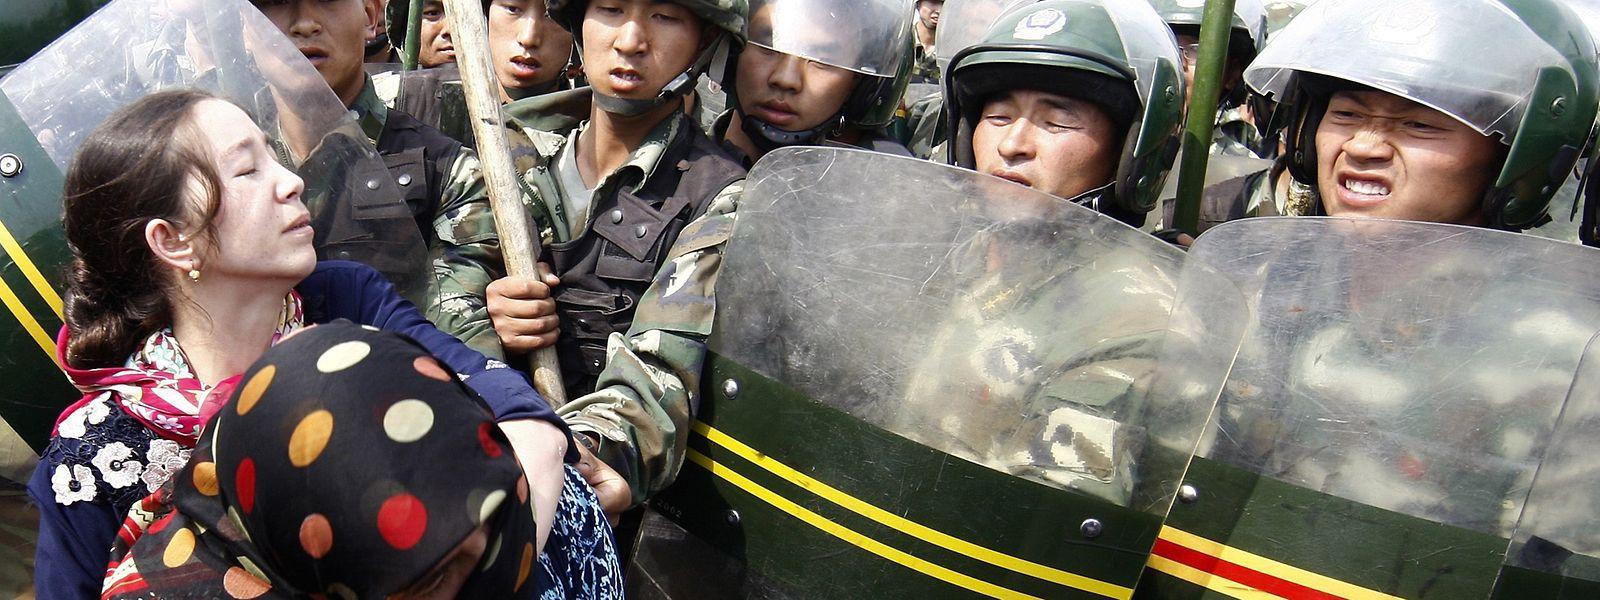 China, Ürümqi: Demonstranten wehren sich gegen einen Polizeieinsatz.